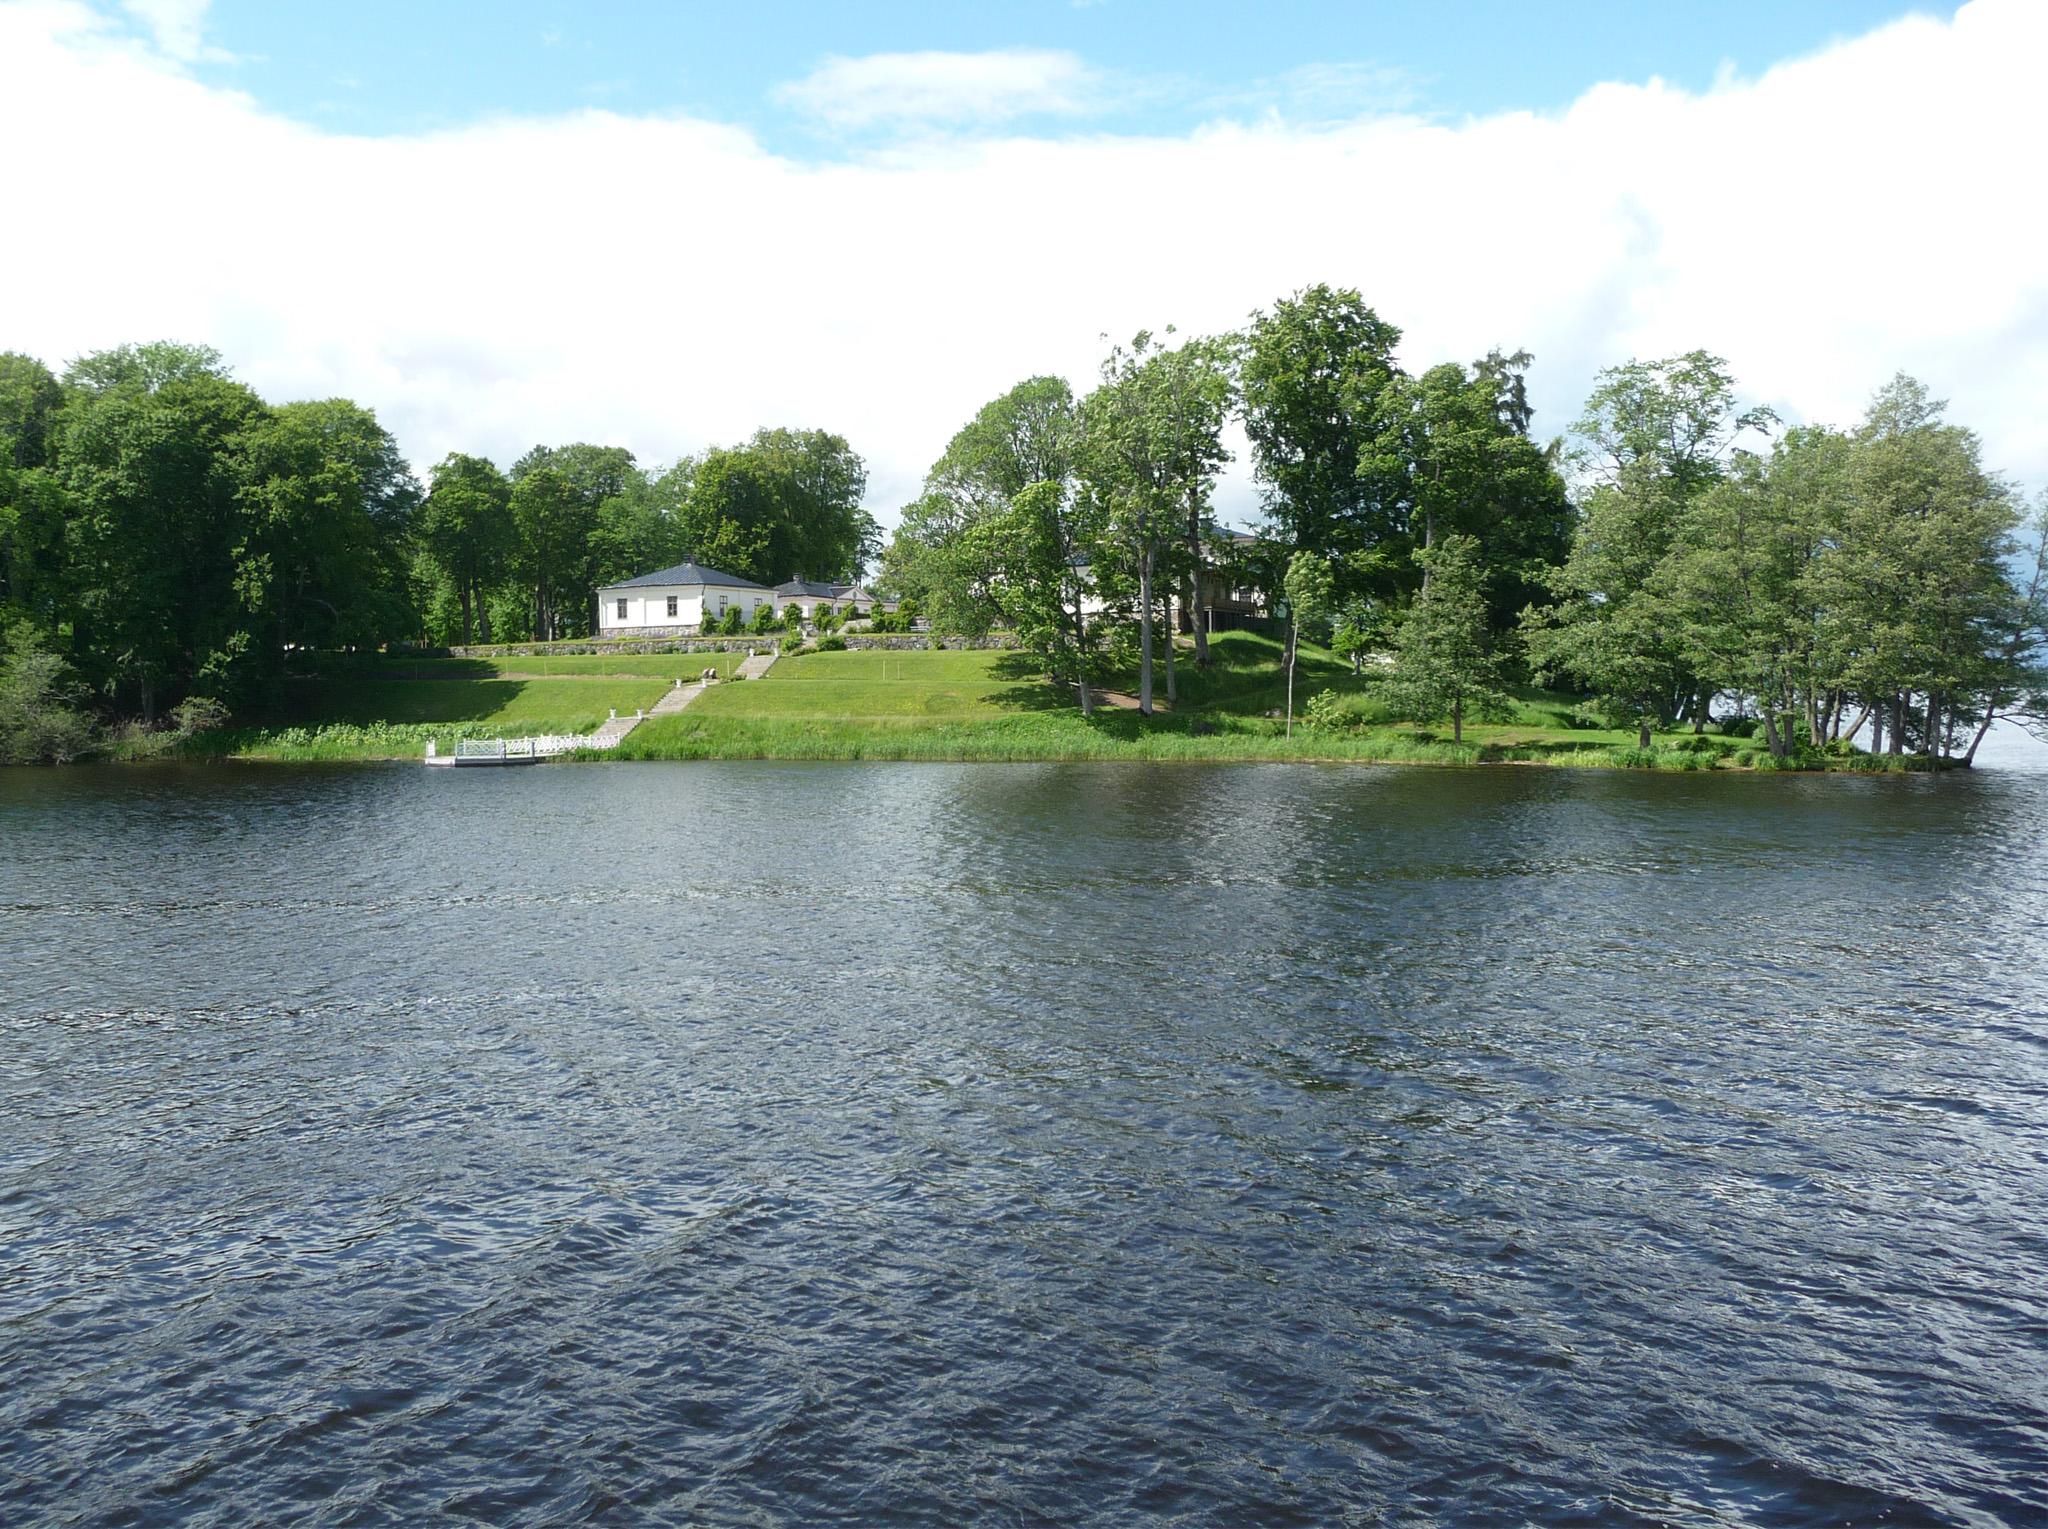 2012 Stjärnsunds slott, Olshammars gård. - 47